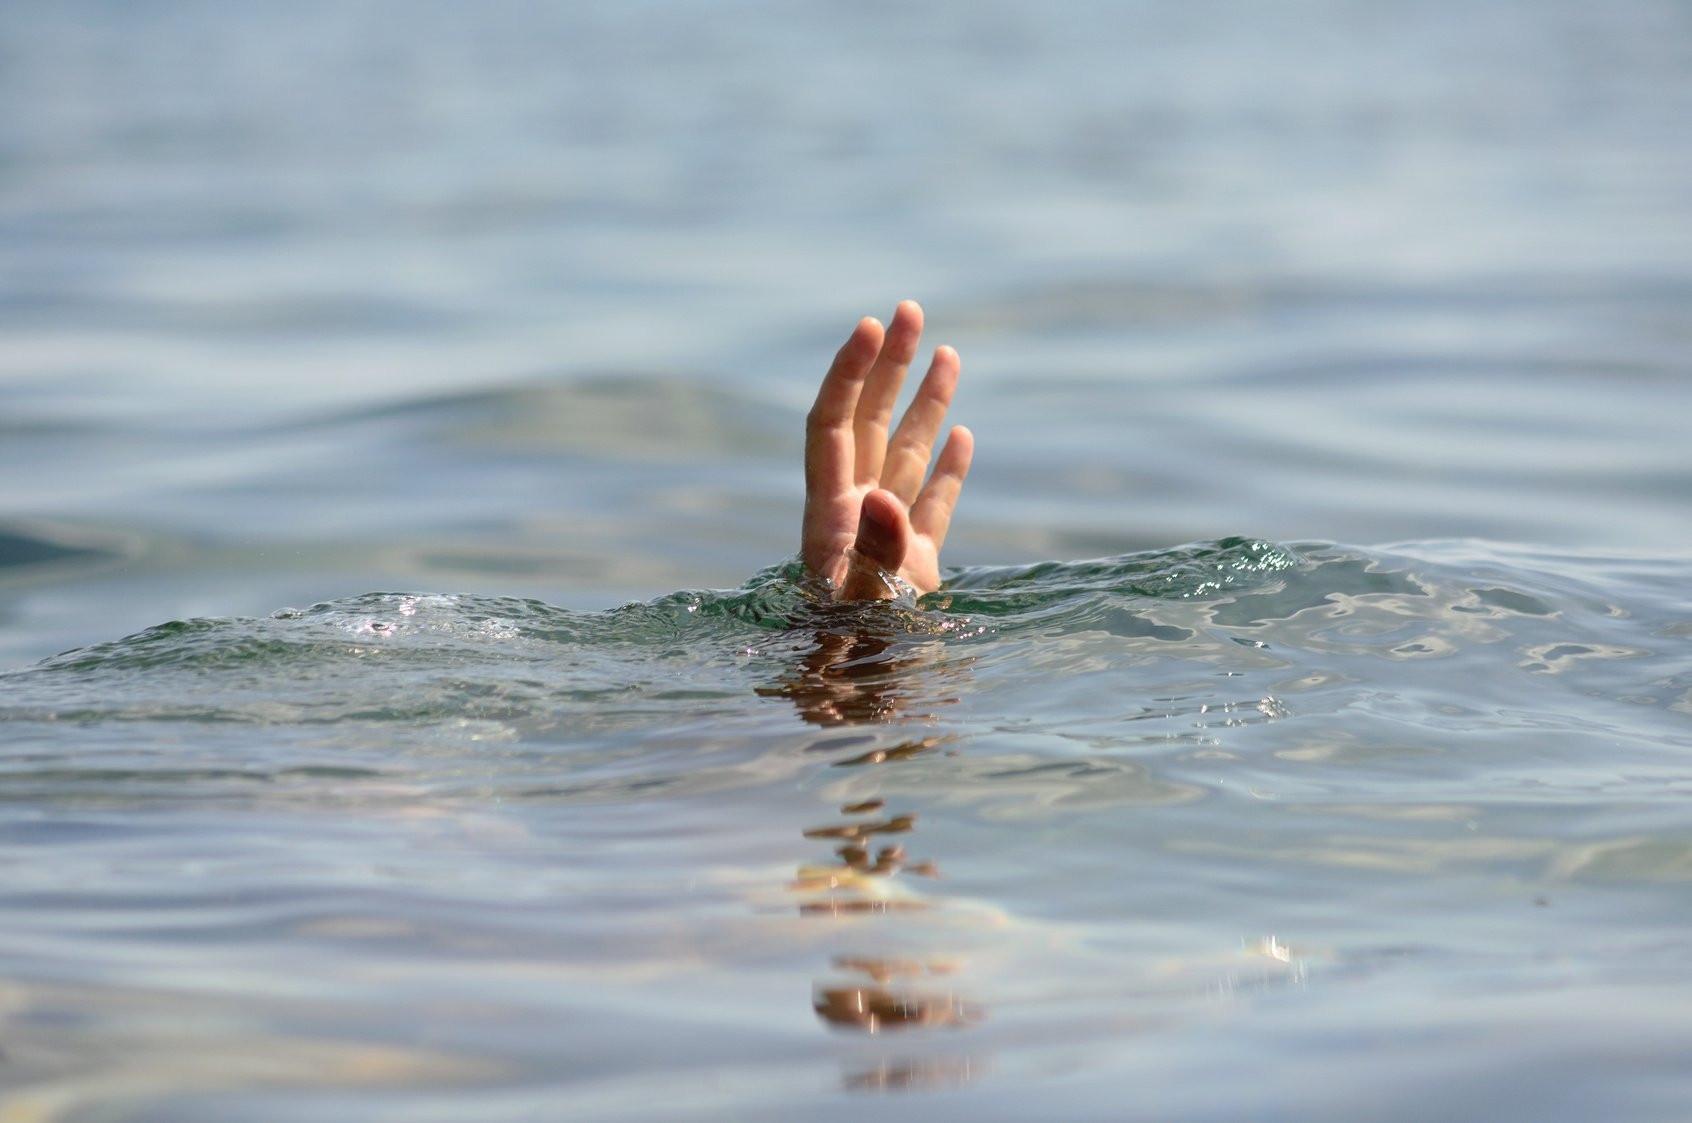 В Марий Эл отмечается рост случаев гибели детей на водных объектах